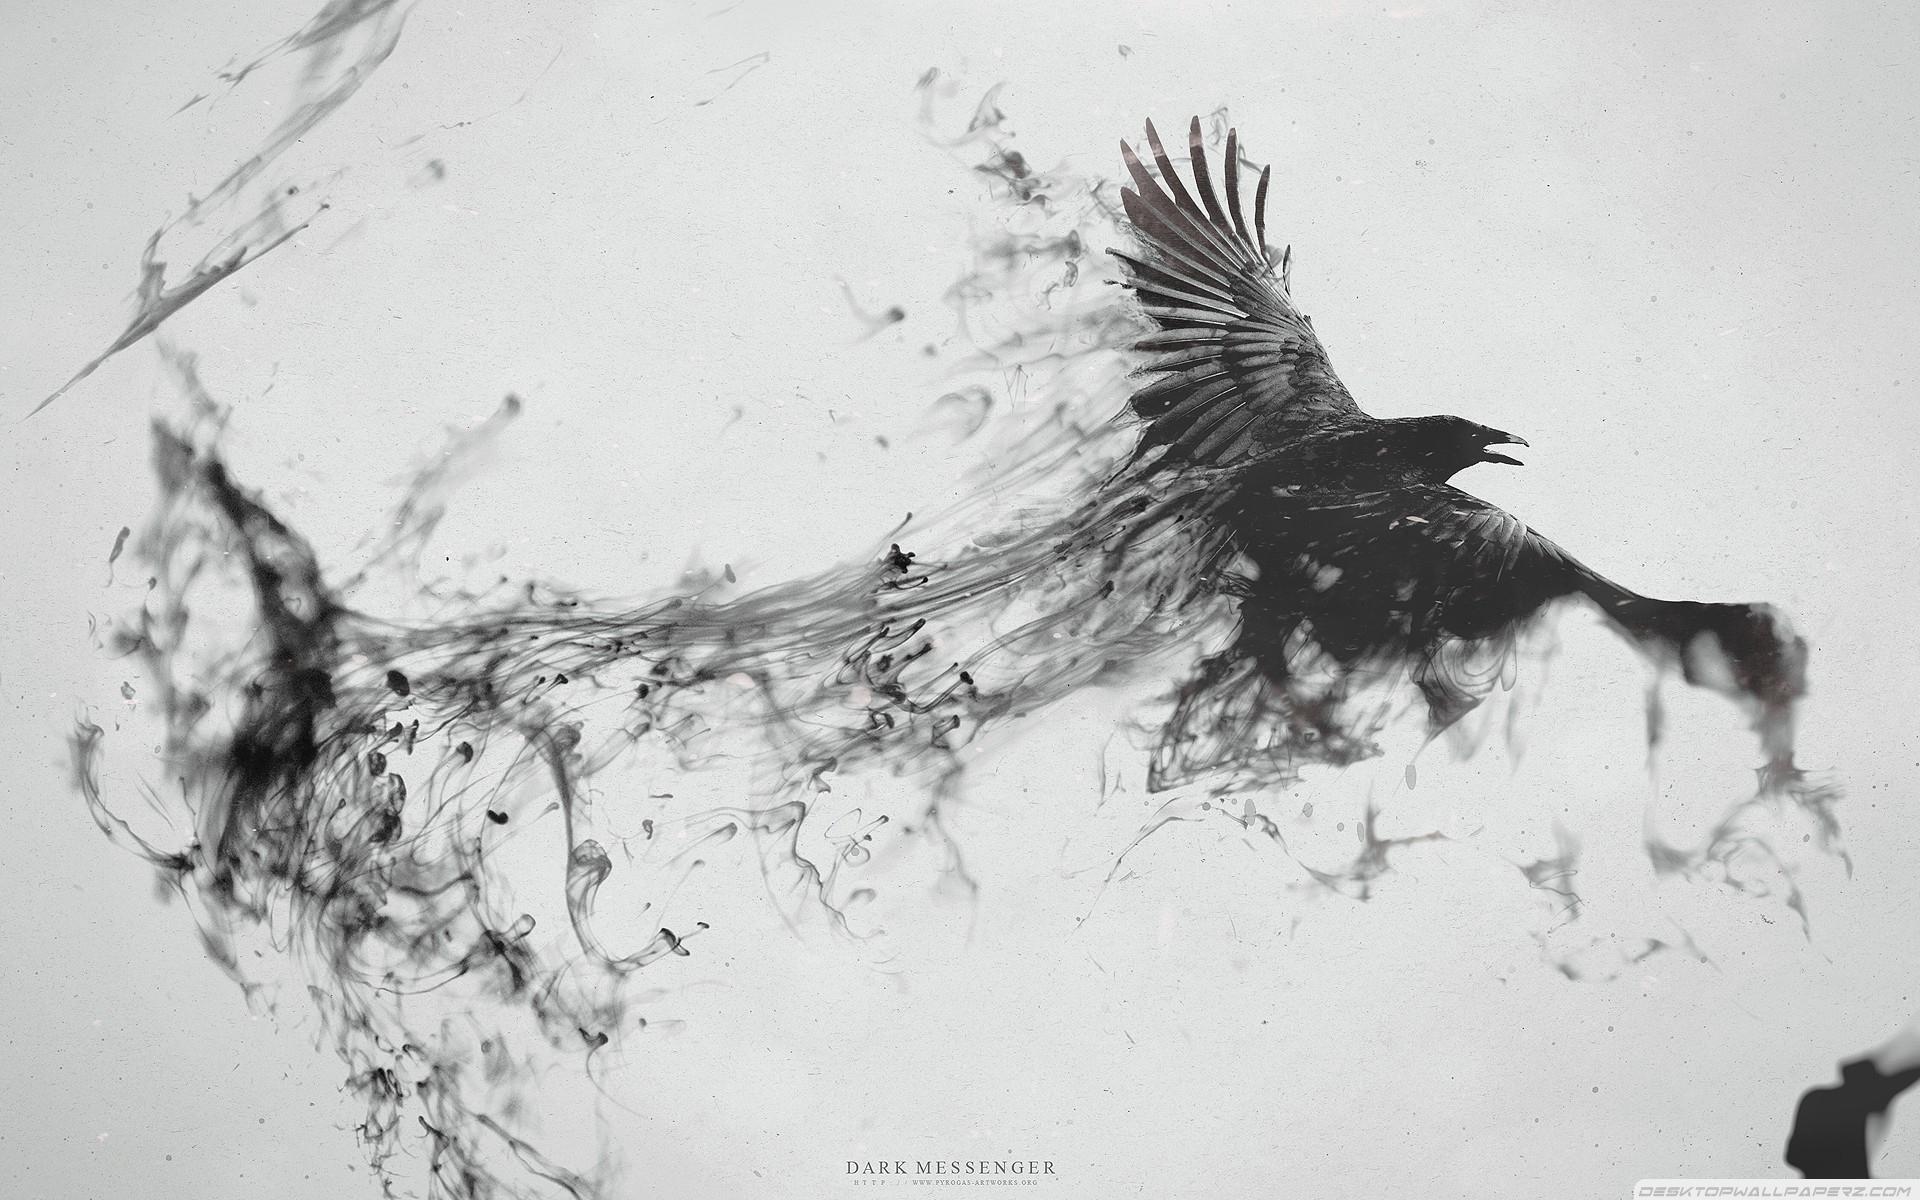 Dark Messenger Birds Digital Artistic Raven Bird 19201200 Wallpaper 1920x1200